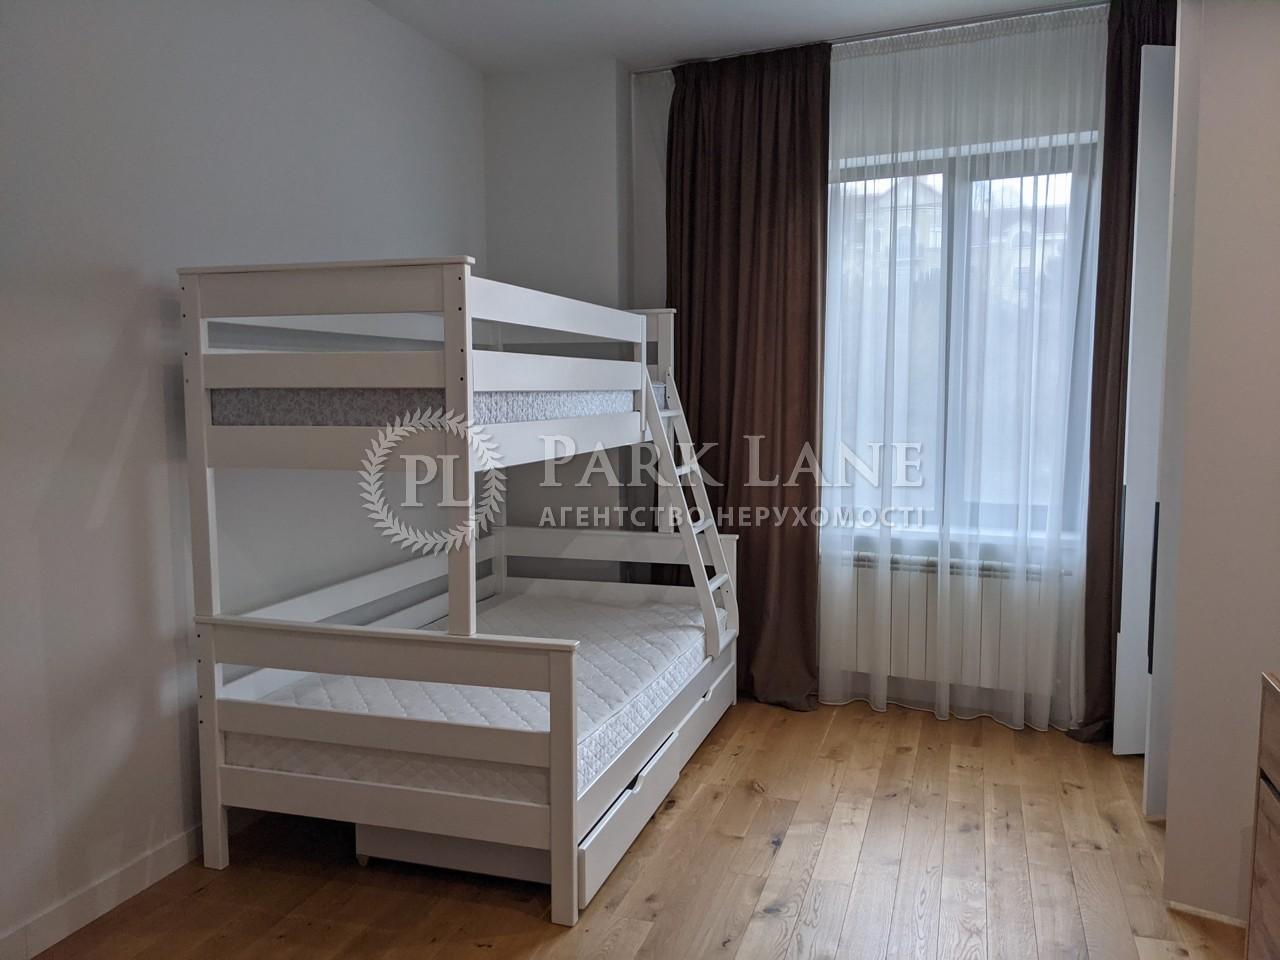 Квартира B-99324, Мичурина пер., 28, Киев - Фото 11